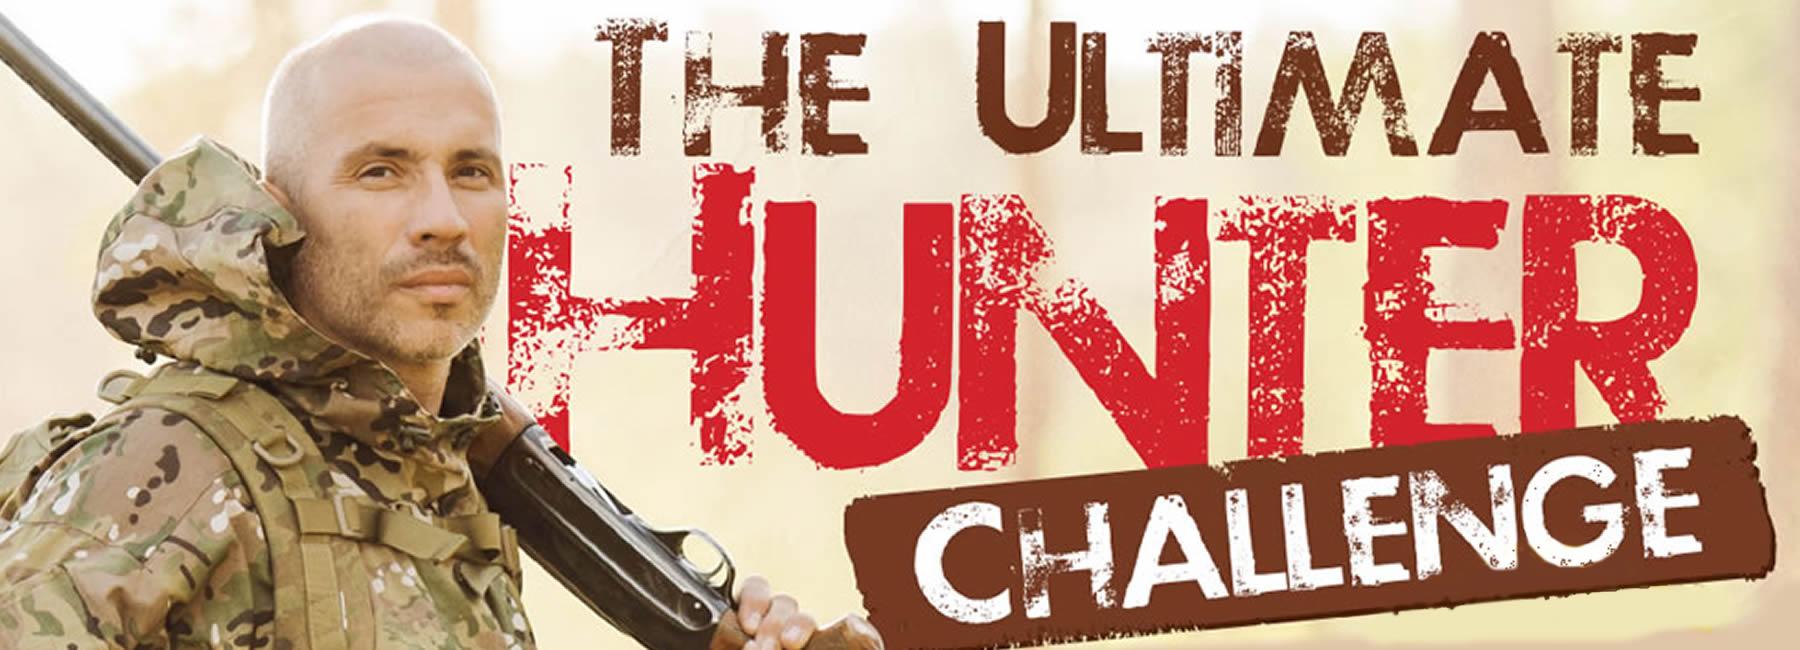 Amanzi Ultimate Hunter Challenge 2018